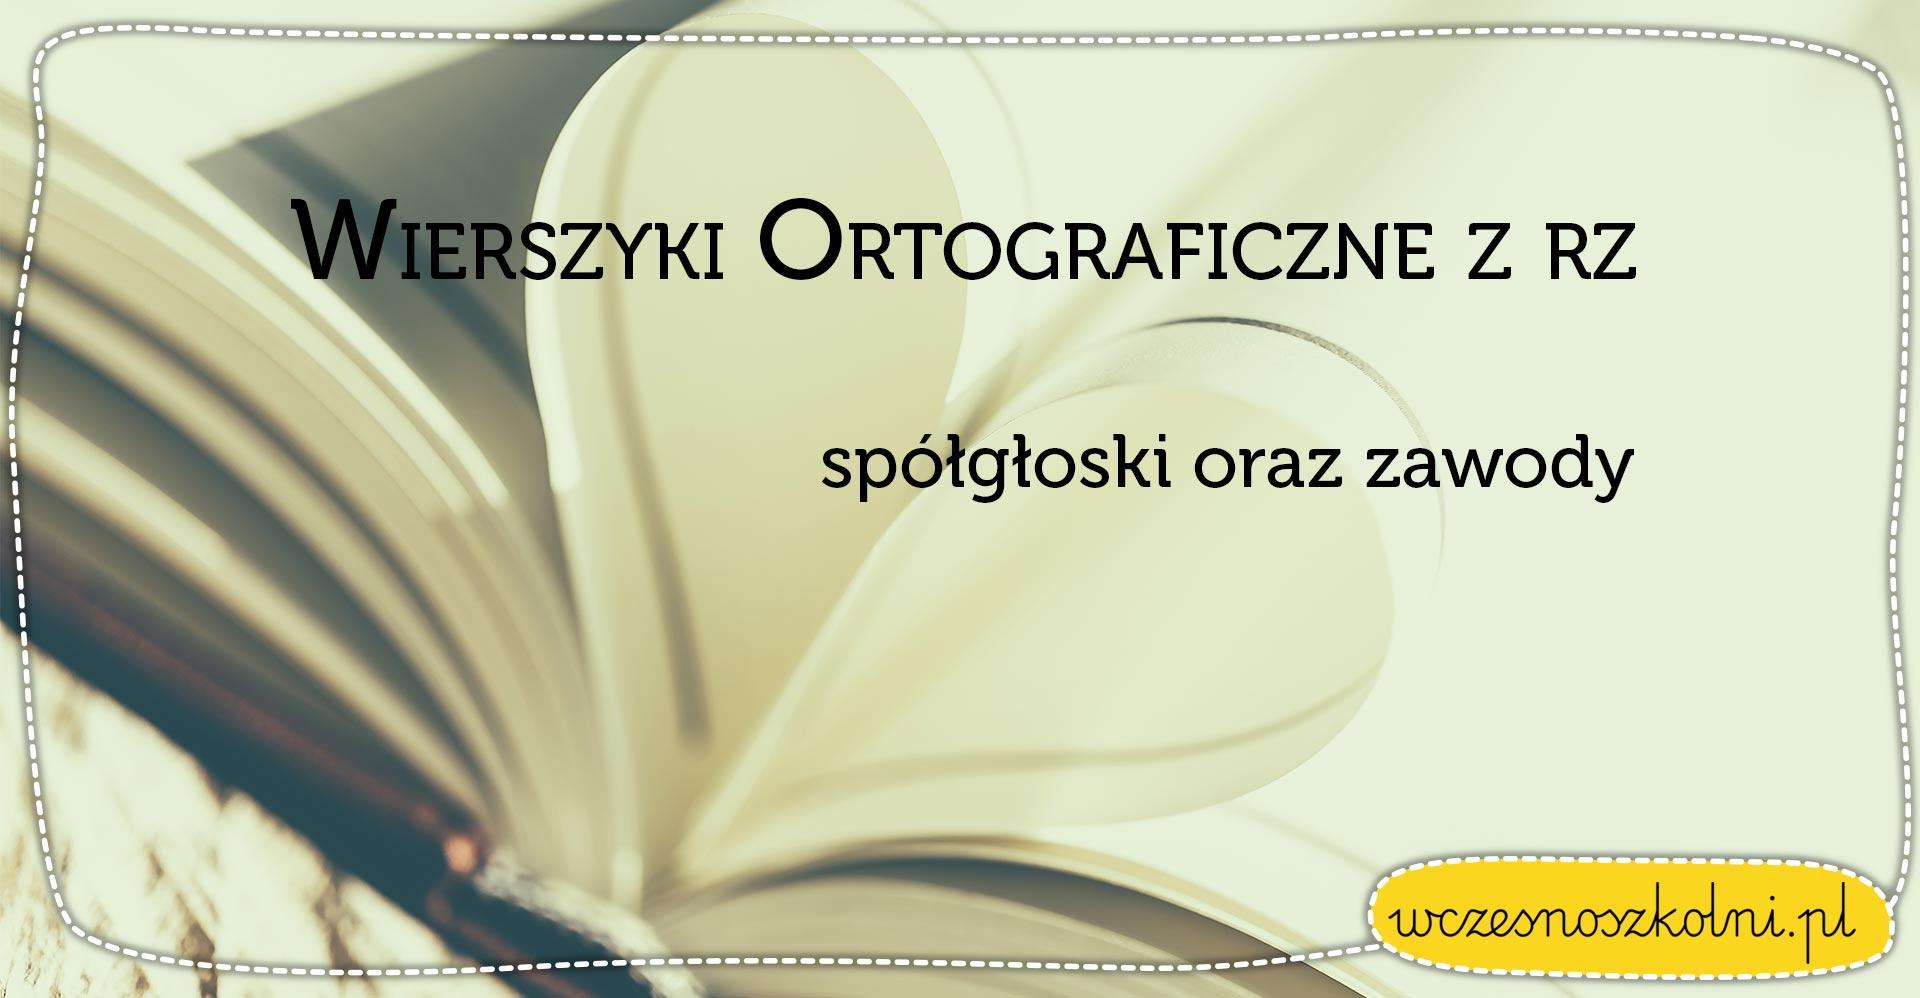 Wierszyki ortograficzne z RZ